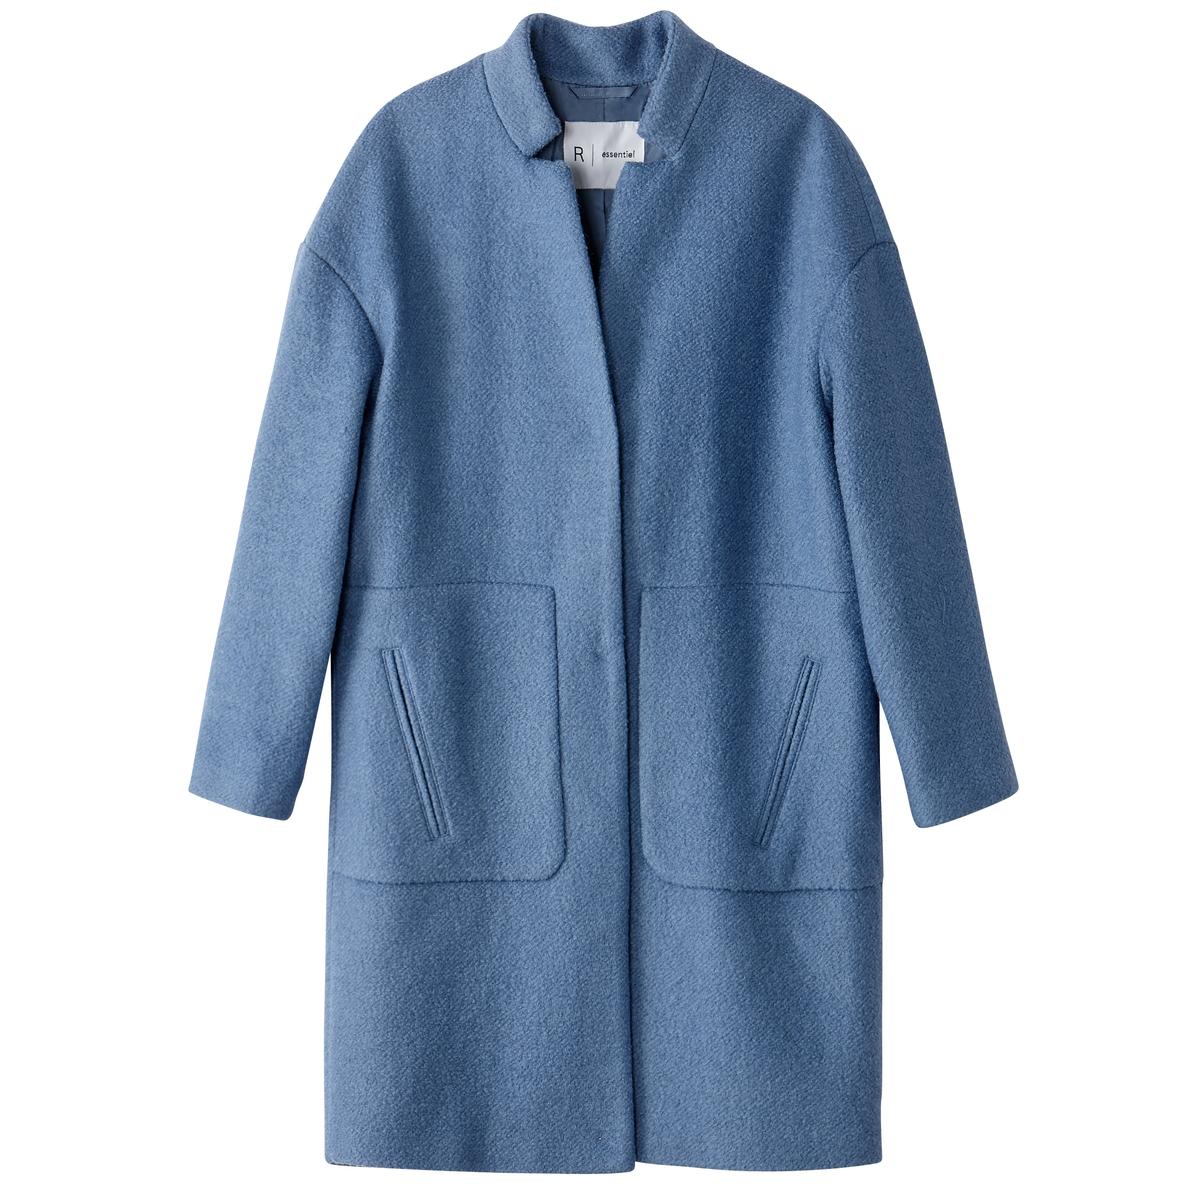 Пальто покроя оверсайз 40% шерстиЭтой зимой все мечтают о теплом и мягком пальто. Выберите это пальто,  исполните свою мечту и будьте счастливы.Детали •  Длина : средняя •  Воротник-стойка •  Застежка на кнопкиСостав и уход •  40% шерсти, 60% полиэстера •  Подкладка : 100% полиэстер • Не стирать •  Деликатная чистка/без отбеливателей •  Не использовать барабанную сушку  •  Не гладить •  Длина : 88,6 см<br><br>Цвет: бордовый,синий,черный<br>Размер: 34 (FR) - 40 (RUS).52 (FR) - 58 (RUS).42 (FR) - 48 (RUS).34 (FR) - 40 (RUS).50 (FR) - 56 (RUS).40 (FR) - 46 (RUS).44 (FR) - 50 (RUS).46 (FR) - 52 (RUS)